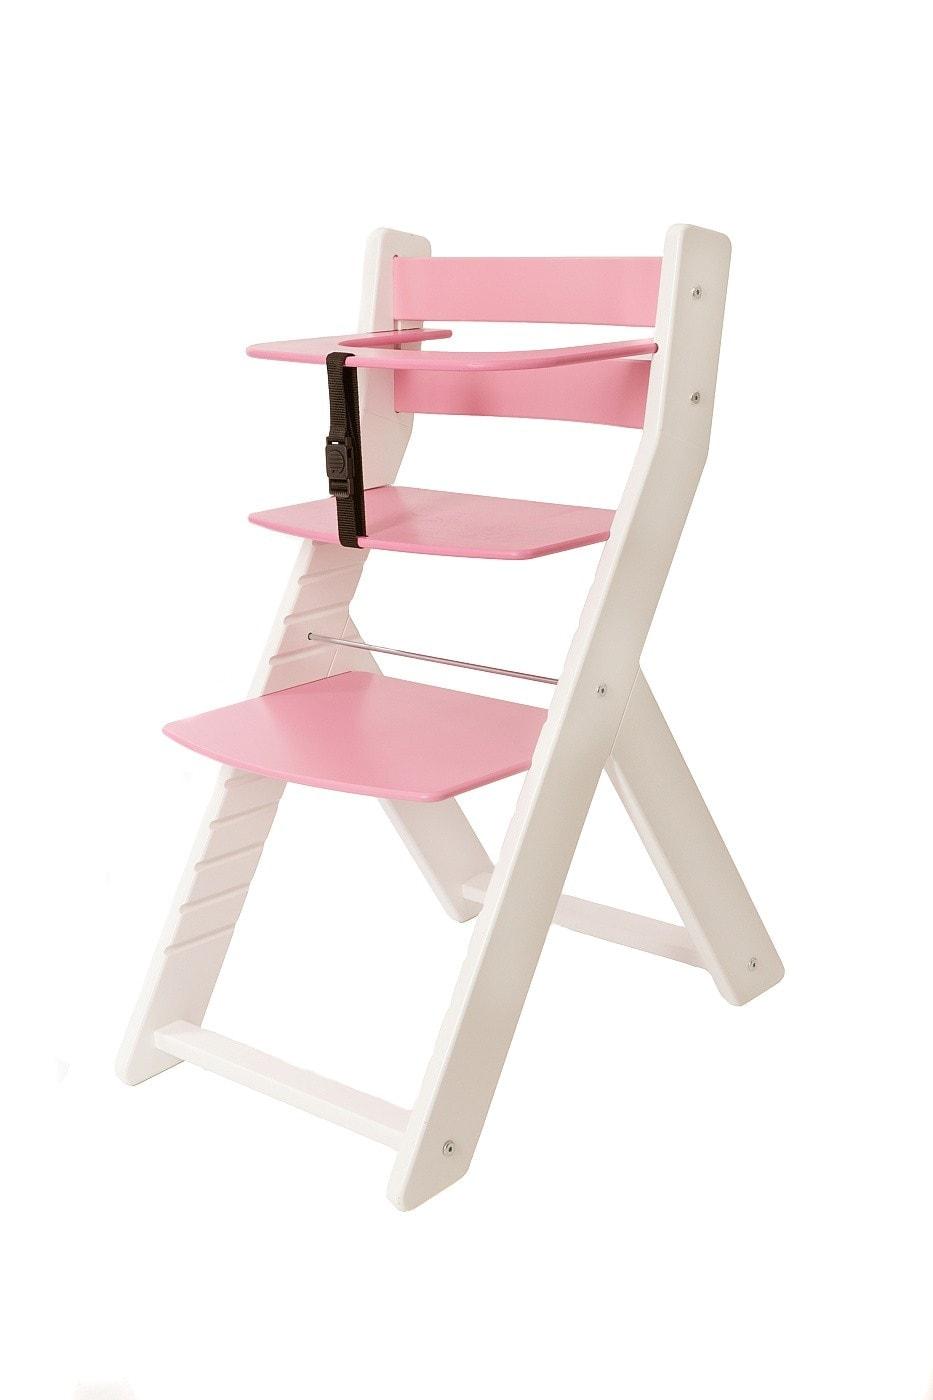 Wood Partner Rostoucí židle Unize bílá / růžová